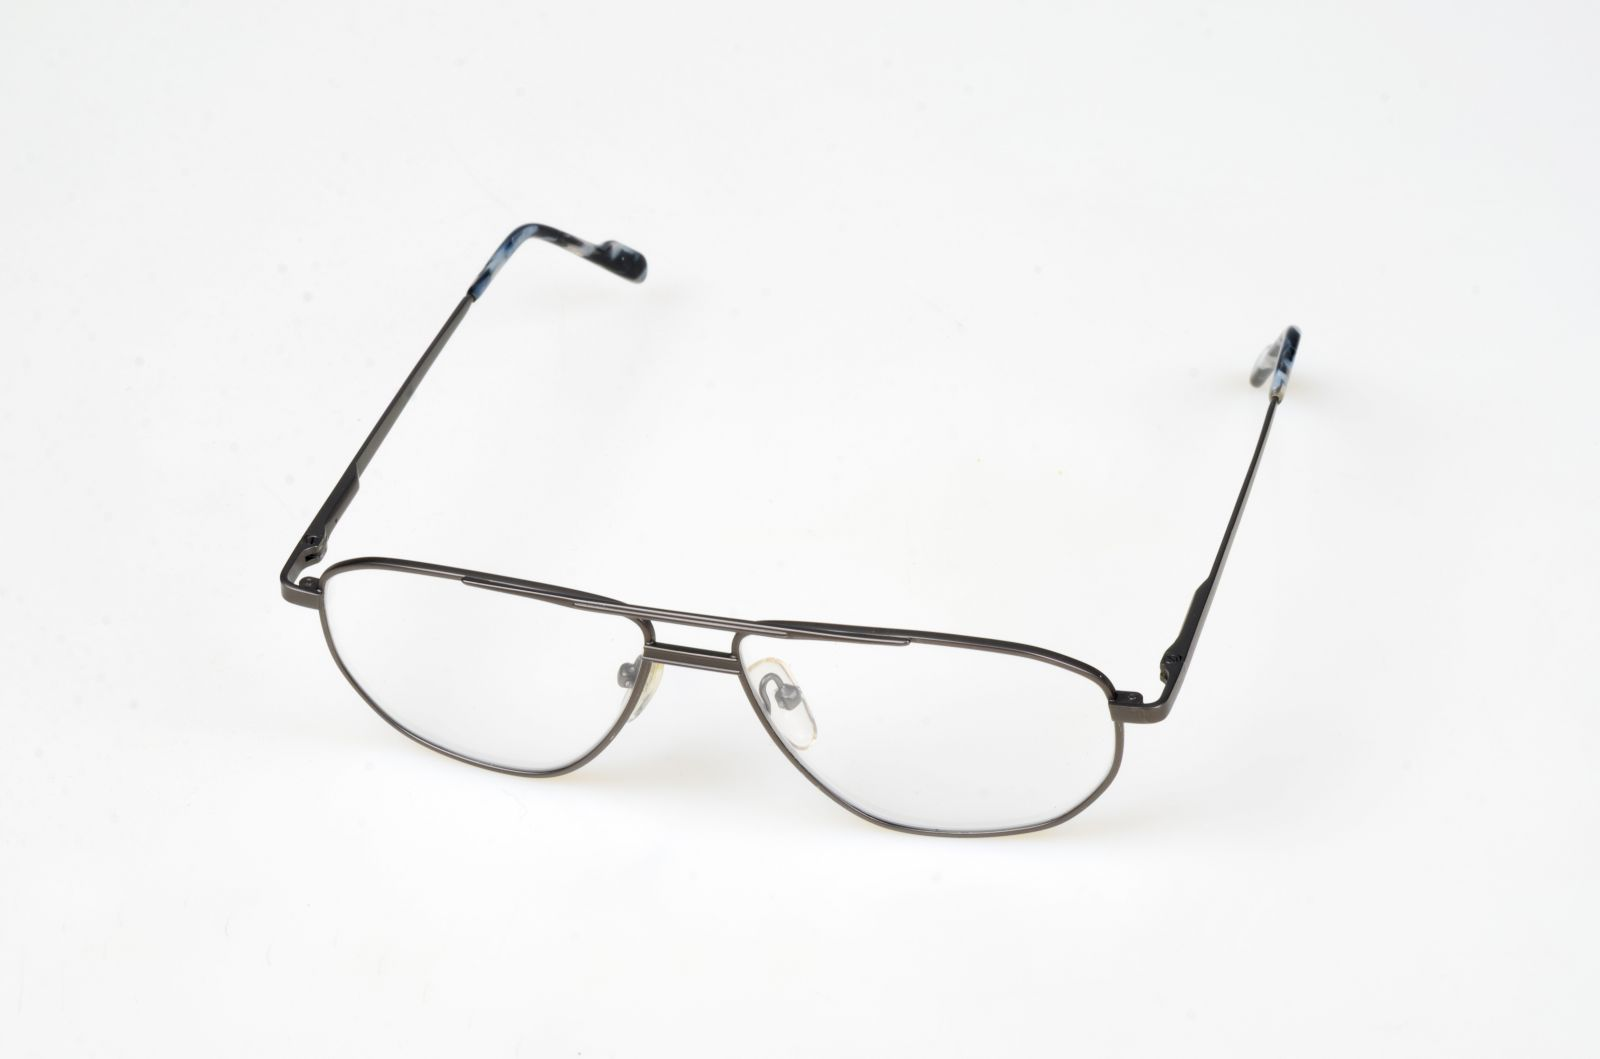 Obroučky dioptrických brýlí M606